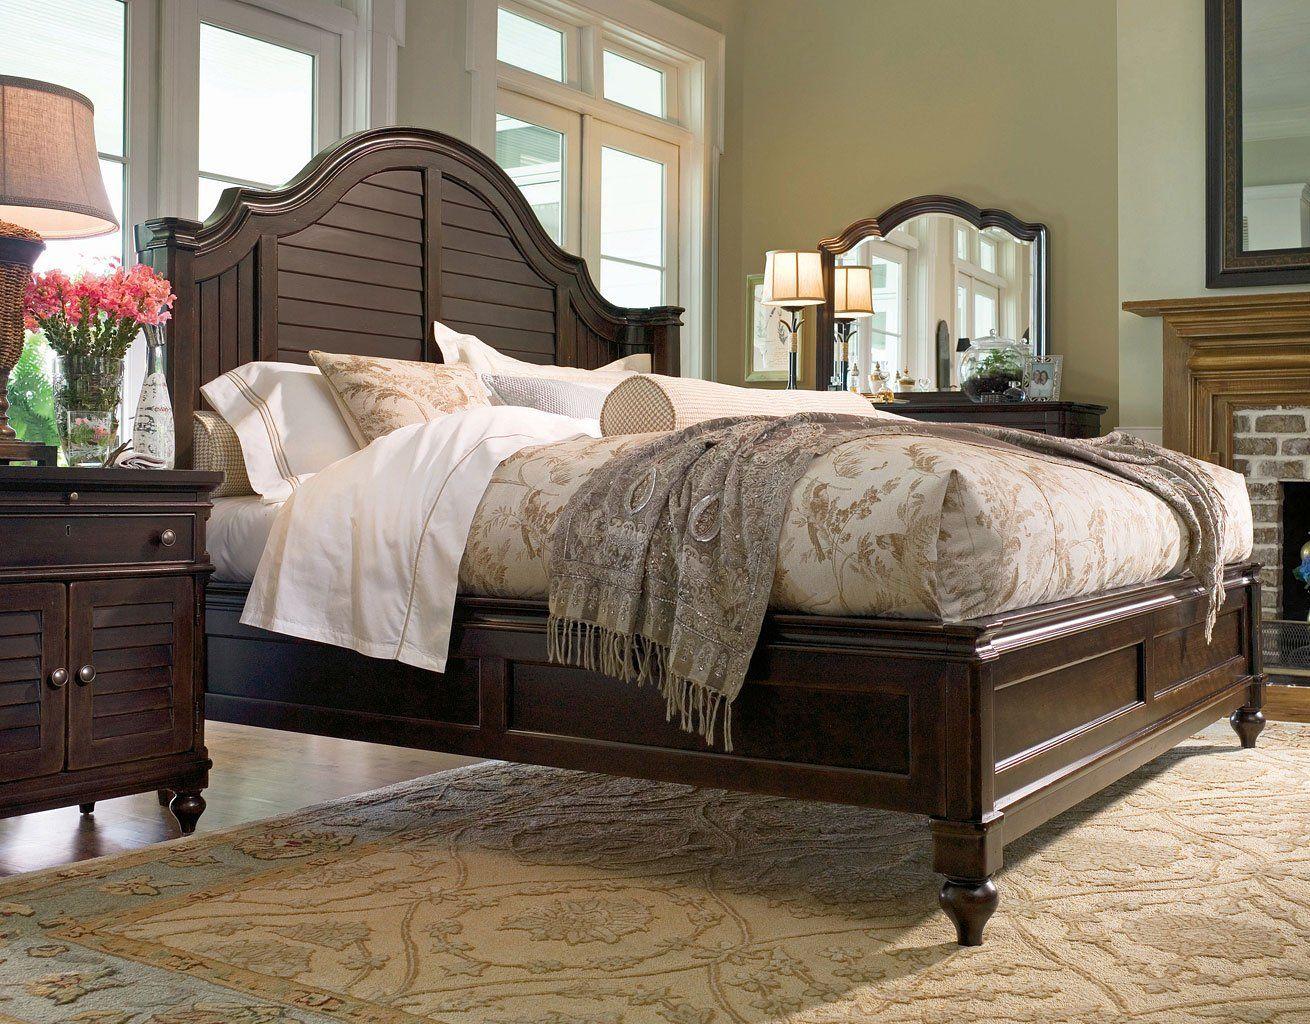 Paula Deen Home Steel Magnolia Bedroom Set (Tobacco)  Paula deen